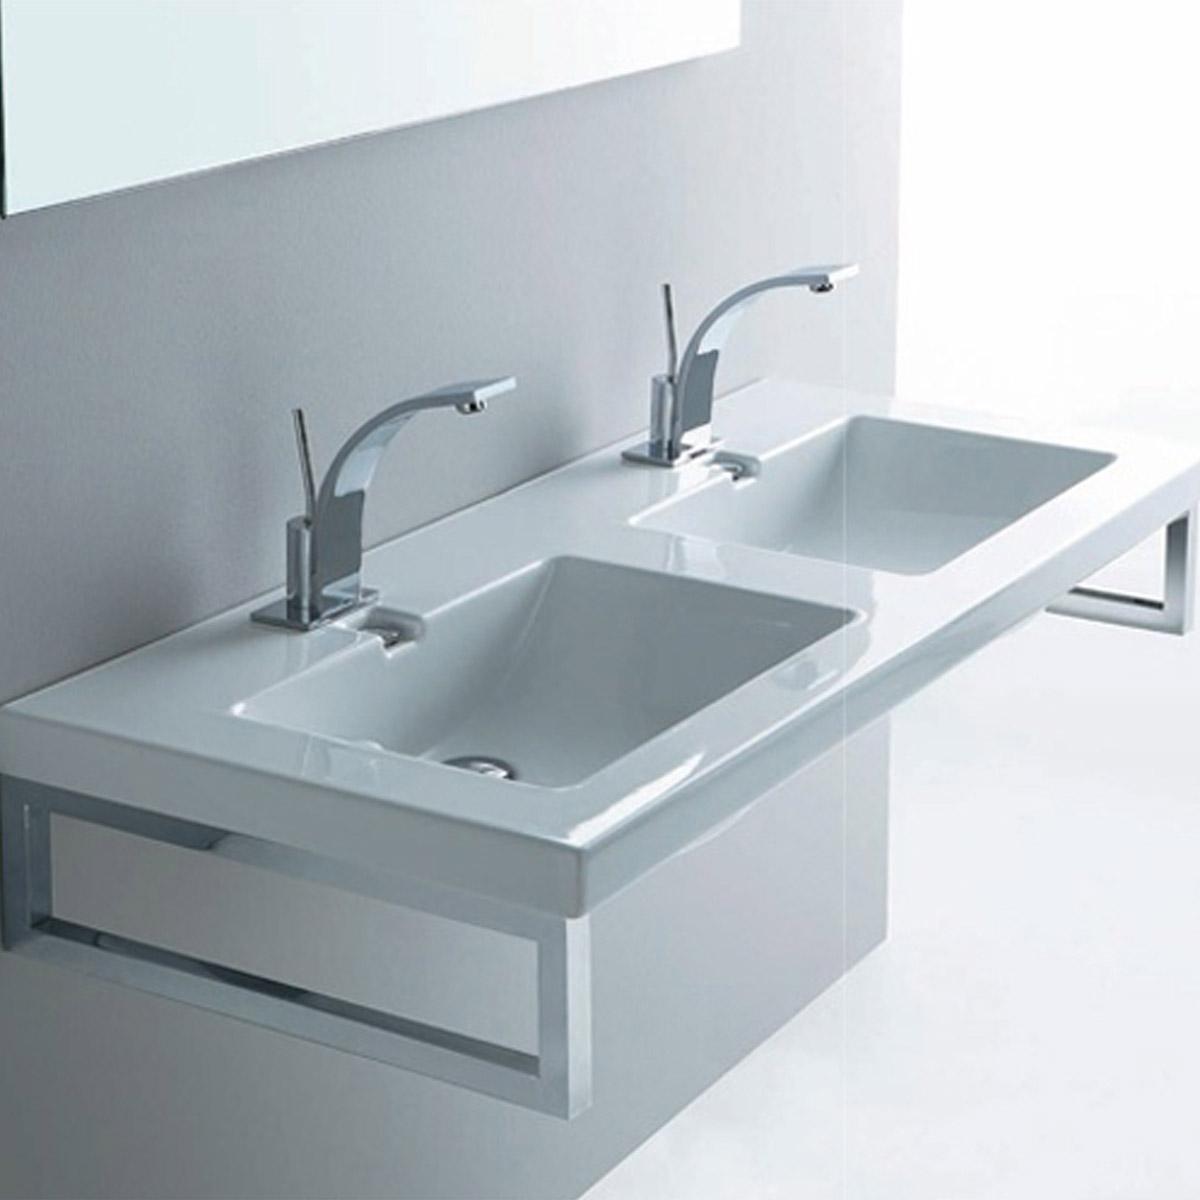 Lavandino in resina mobile bagno con lavabo in marmo - Lavandino bagno da incasso ...